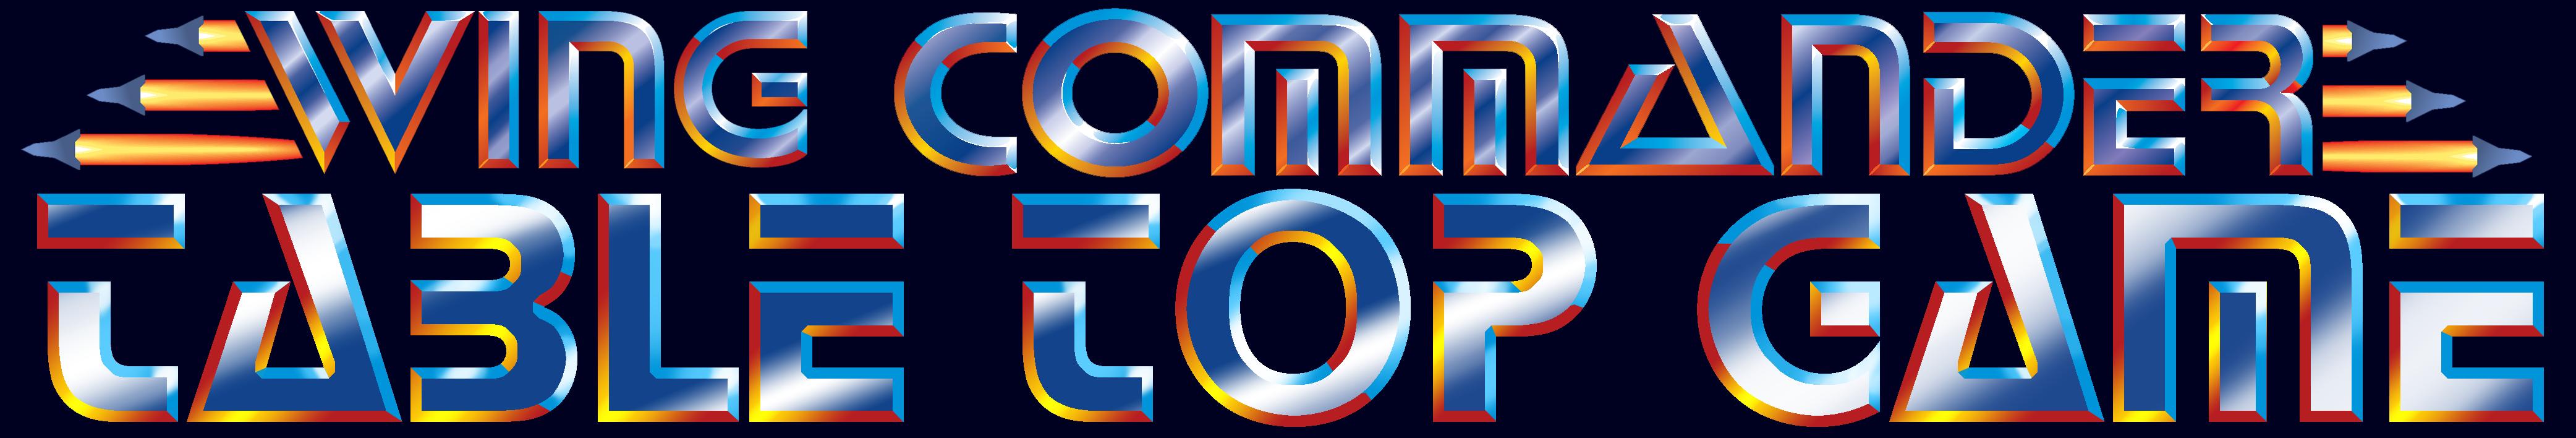 logo-design_2.png